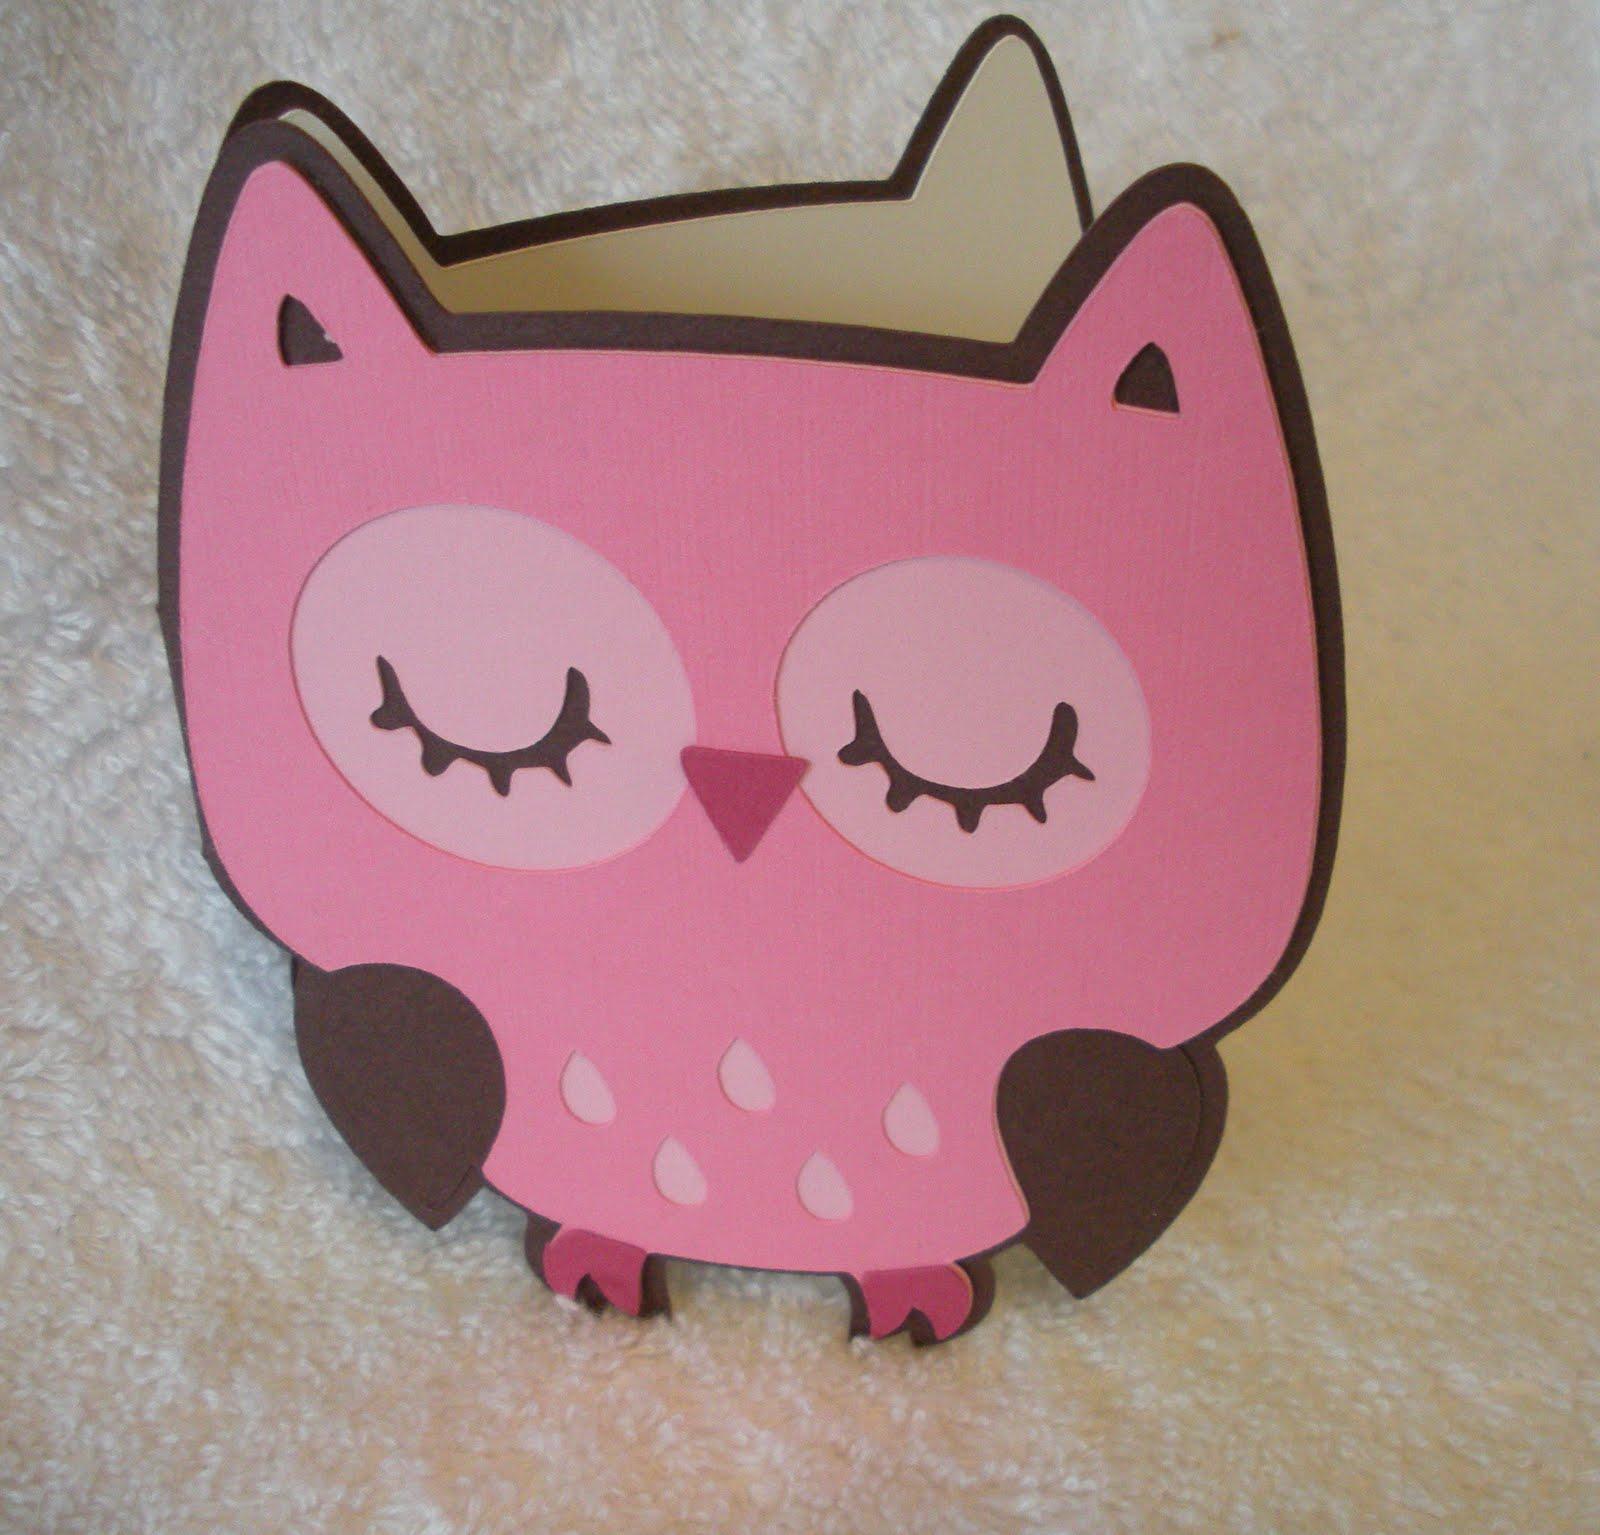 http://3.bp.blogspot.com/_zlG75fziTD4/S-4A6XJdVSI/AAAAAAAACJQ/vM86j4J5Qt8/s1600/pink+owl.JPG